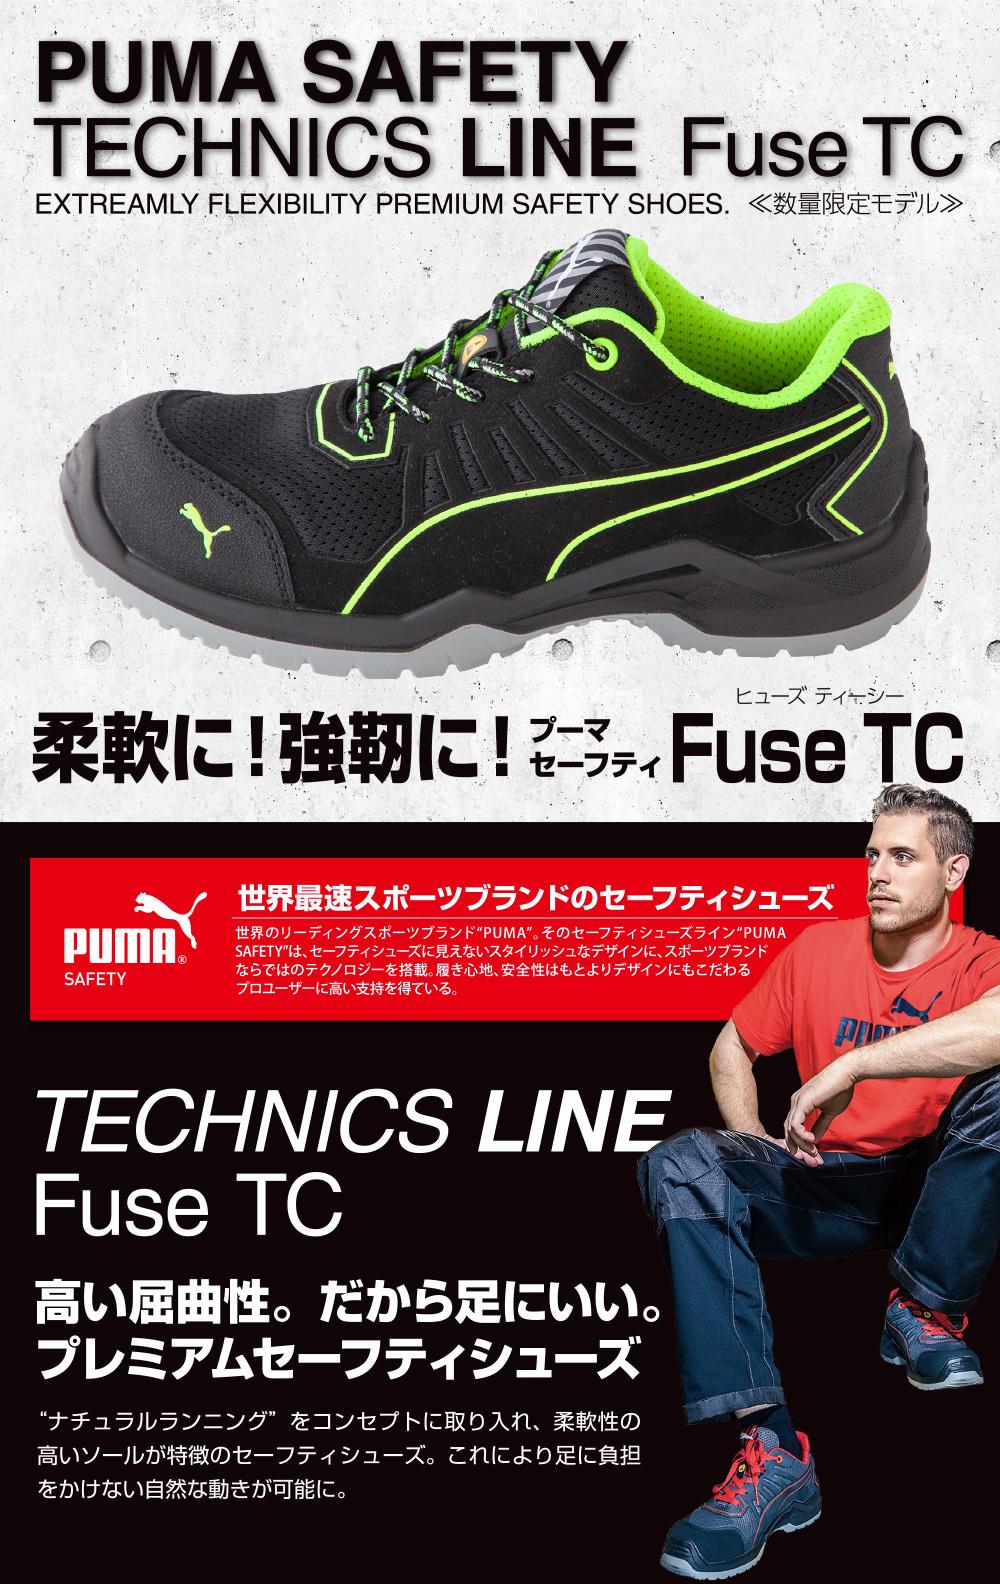 Fuse TC [PUMA SAFETY]新商品 柔軟に!強靭に!プーマセーフティ Fuse TC(ヒューズ ティーシー)数量限定モデル